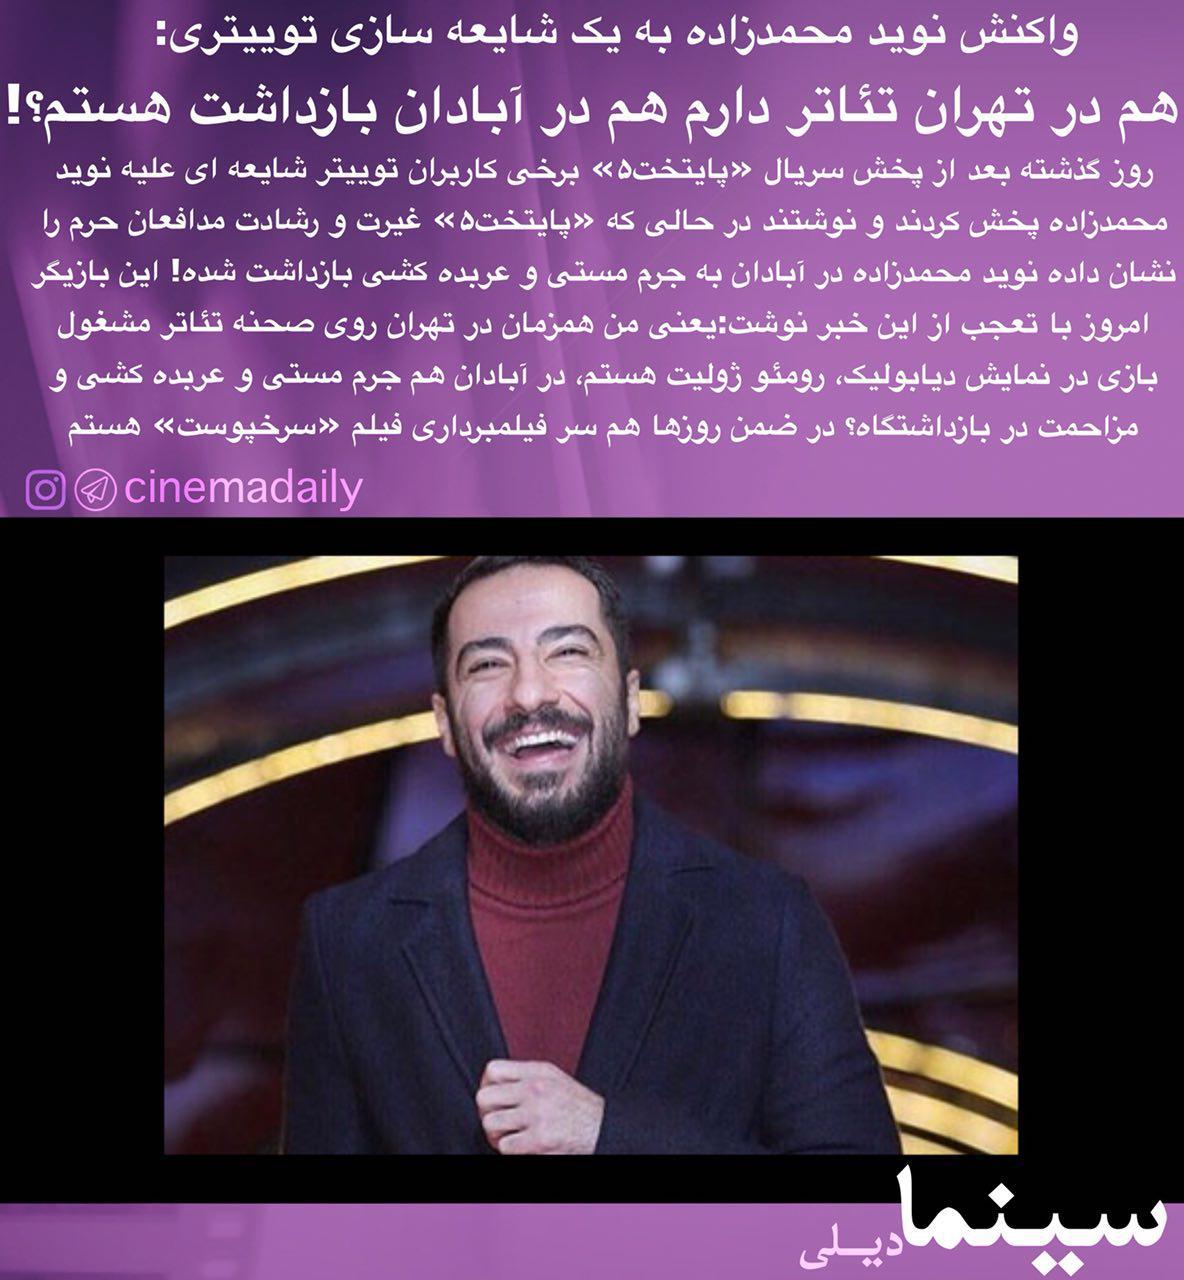 واکنش نوید محمدزاده به یک شایعه توییتری +عکس